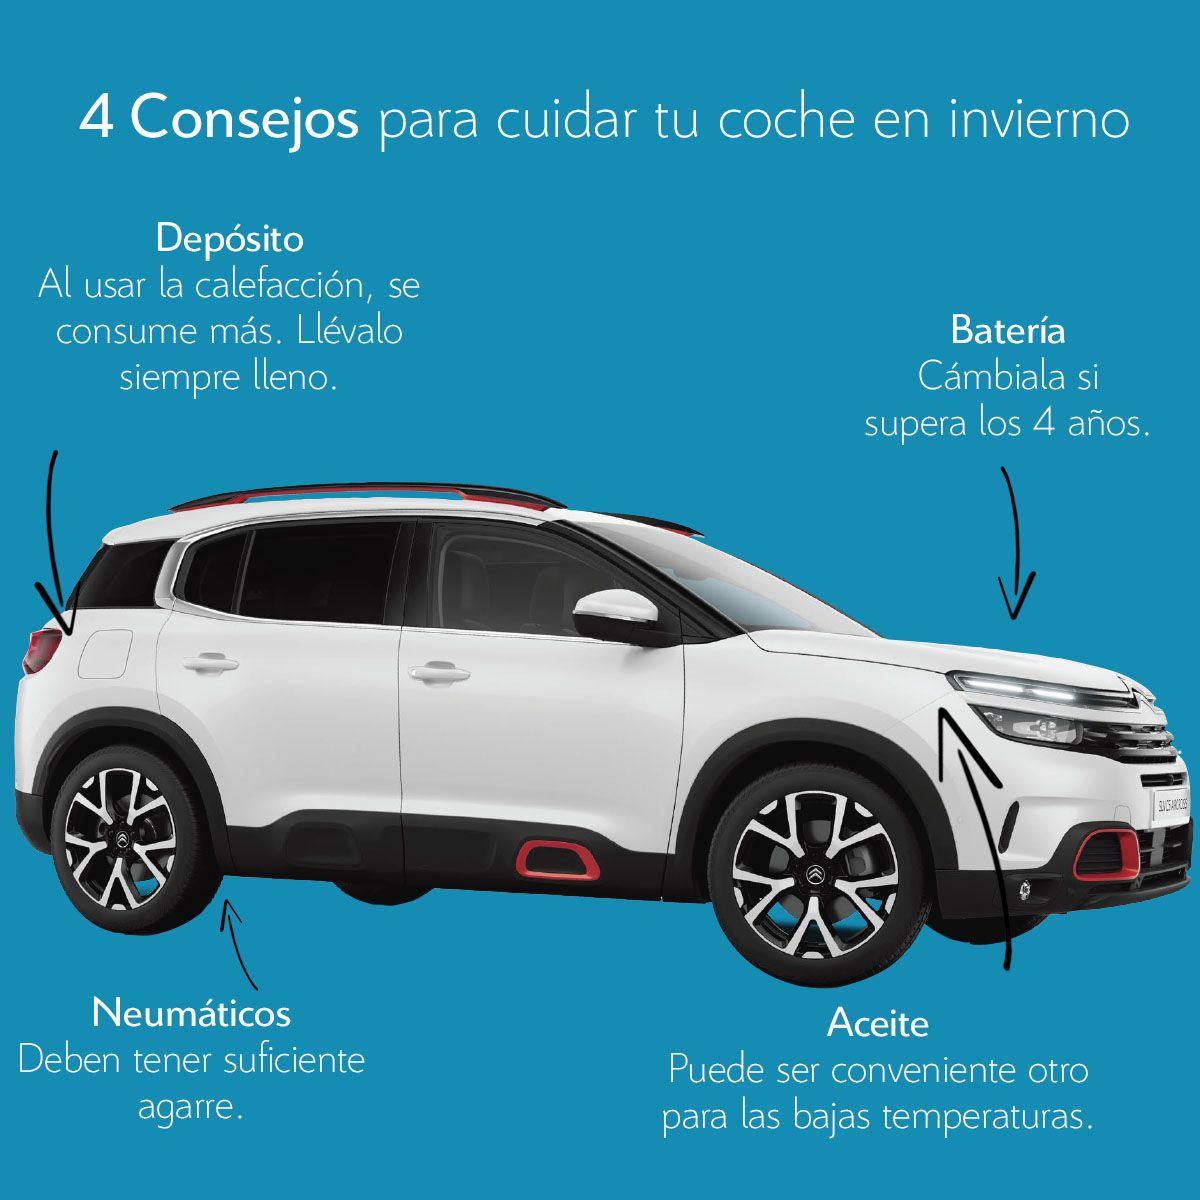 4 Consejos para tener listo tu Citroën este invierno